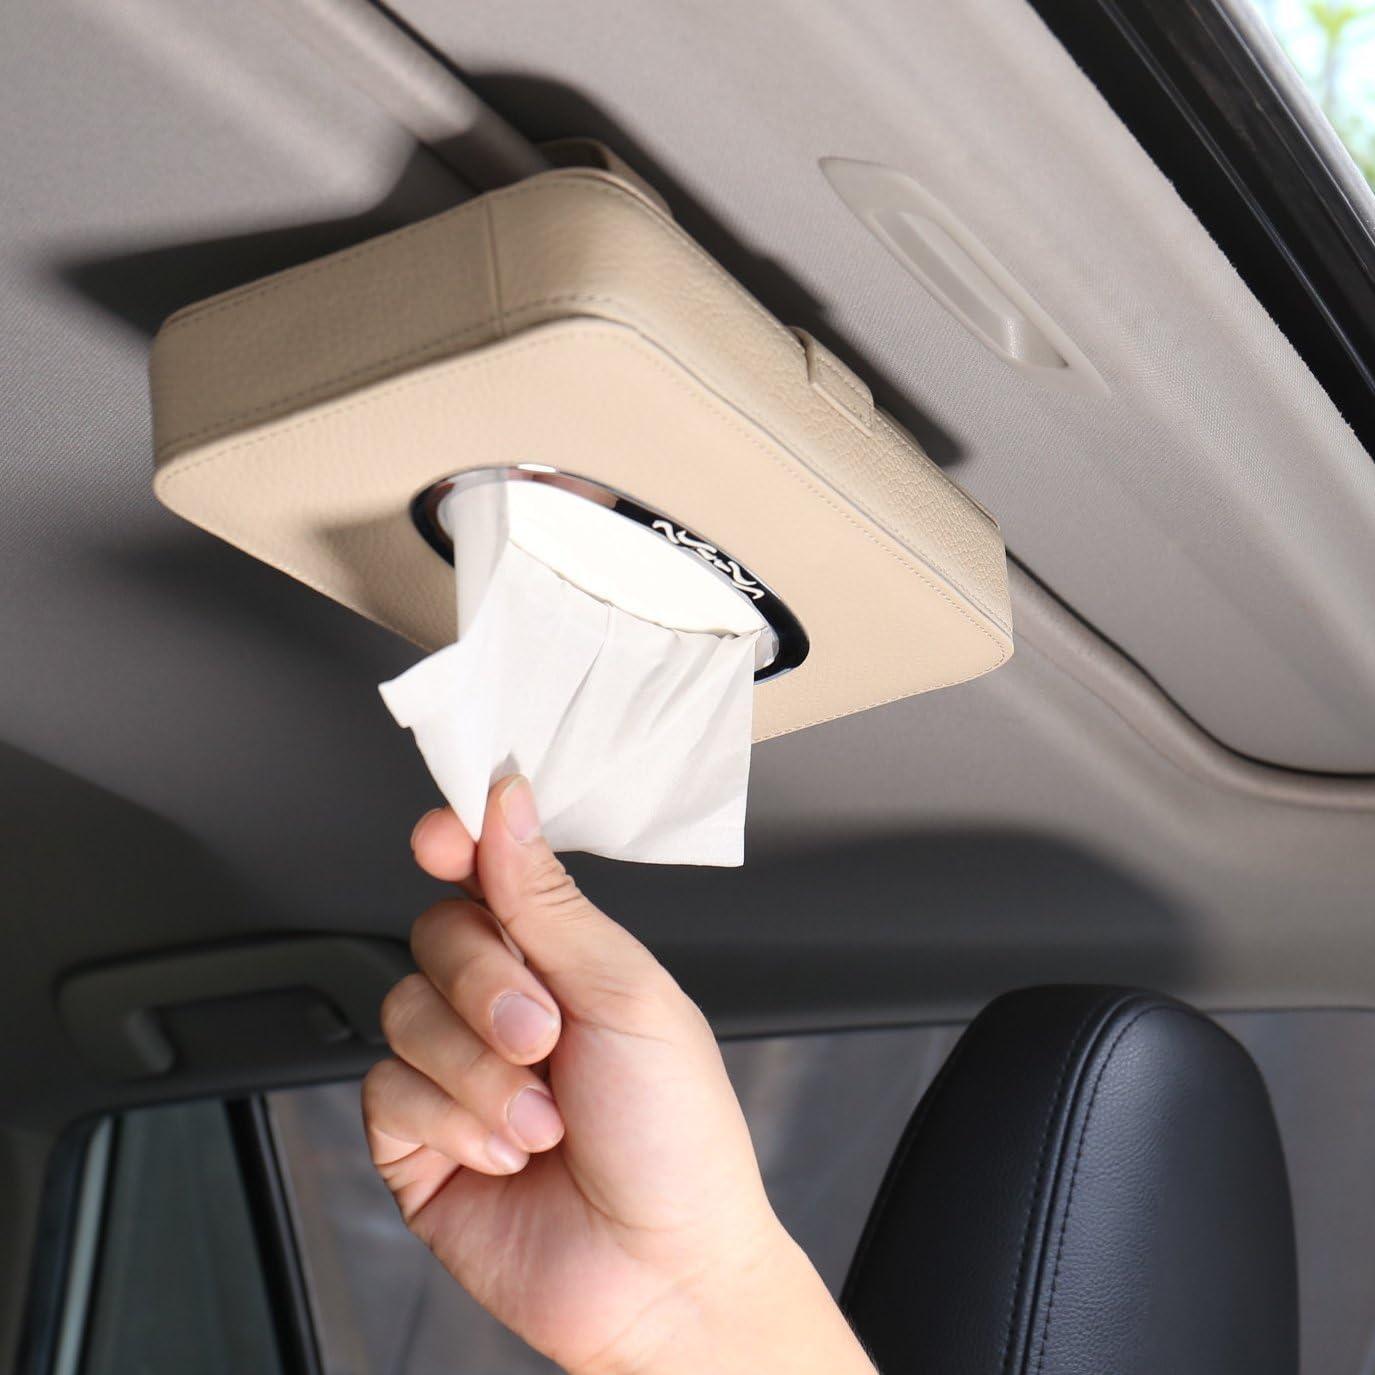 Mr Ho Kosmetiktücherbox Auto Leder Tissue Box Halter Clip Auf Der Sonnenblende Beige Küche Haushalt